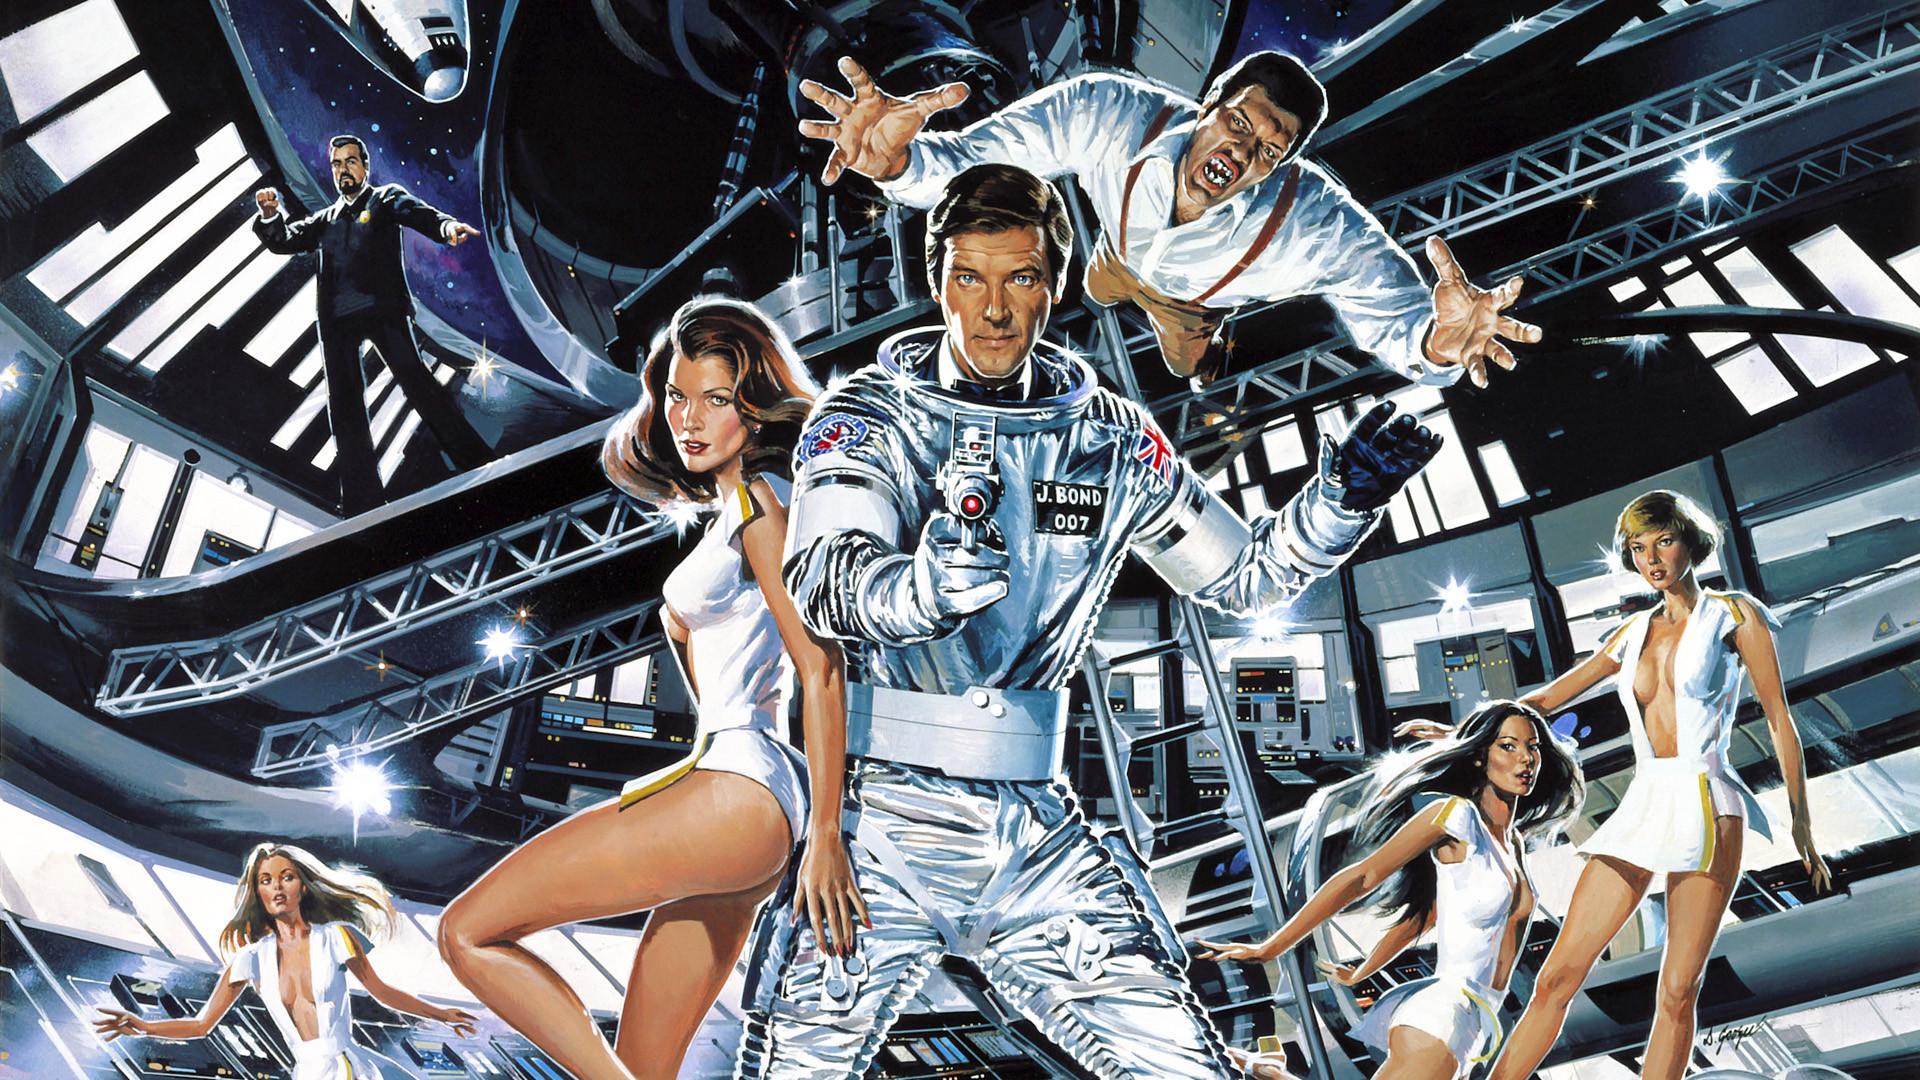 moonraker_poster2.jpg